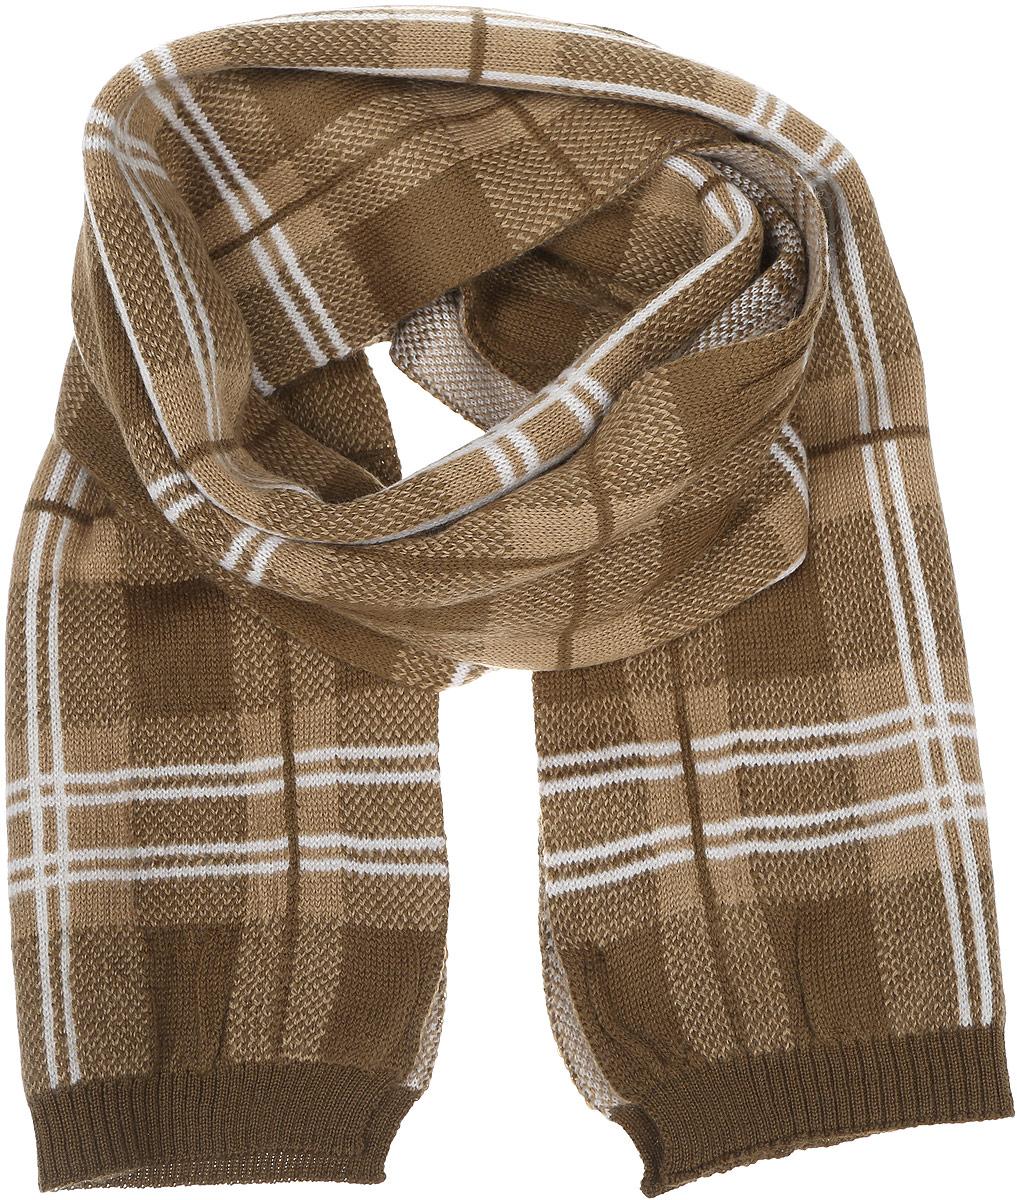 Шарф мужской Venera, цвет: бежевый, коричневый, белый. 6400137-120. Размер 24 см х 172 см6400137-120Стильный мужской шарф Venera полностью выполнен из натуральной шерсти. Модель оформлена принтом в клетку и дополнена резинками на краях.